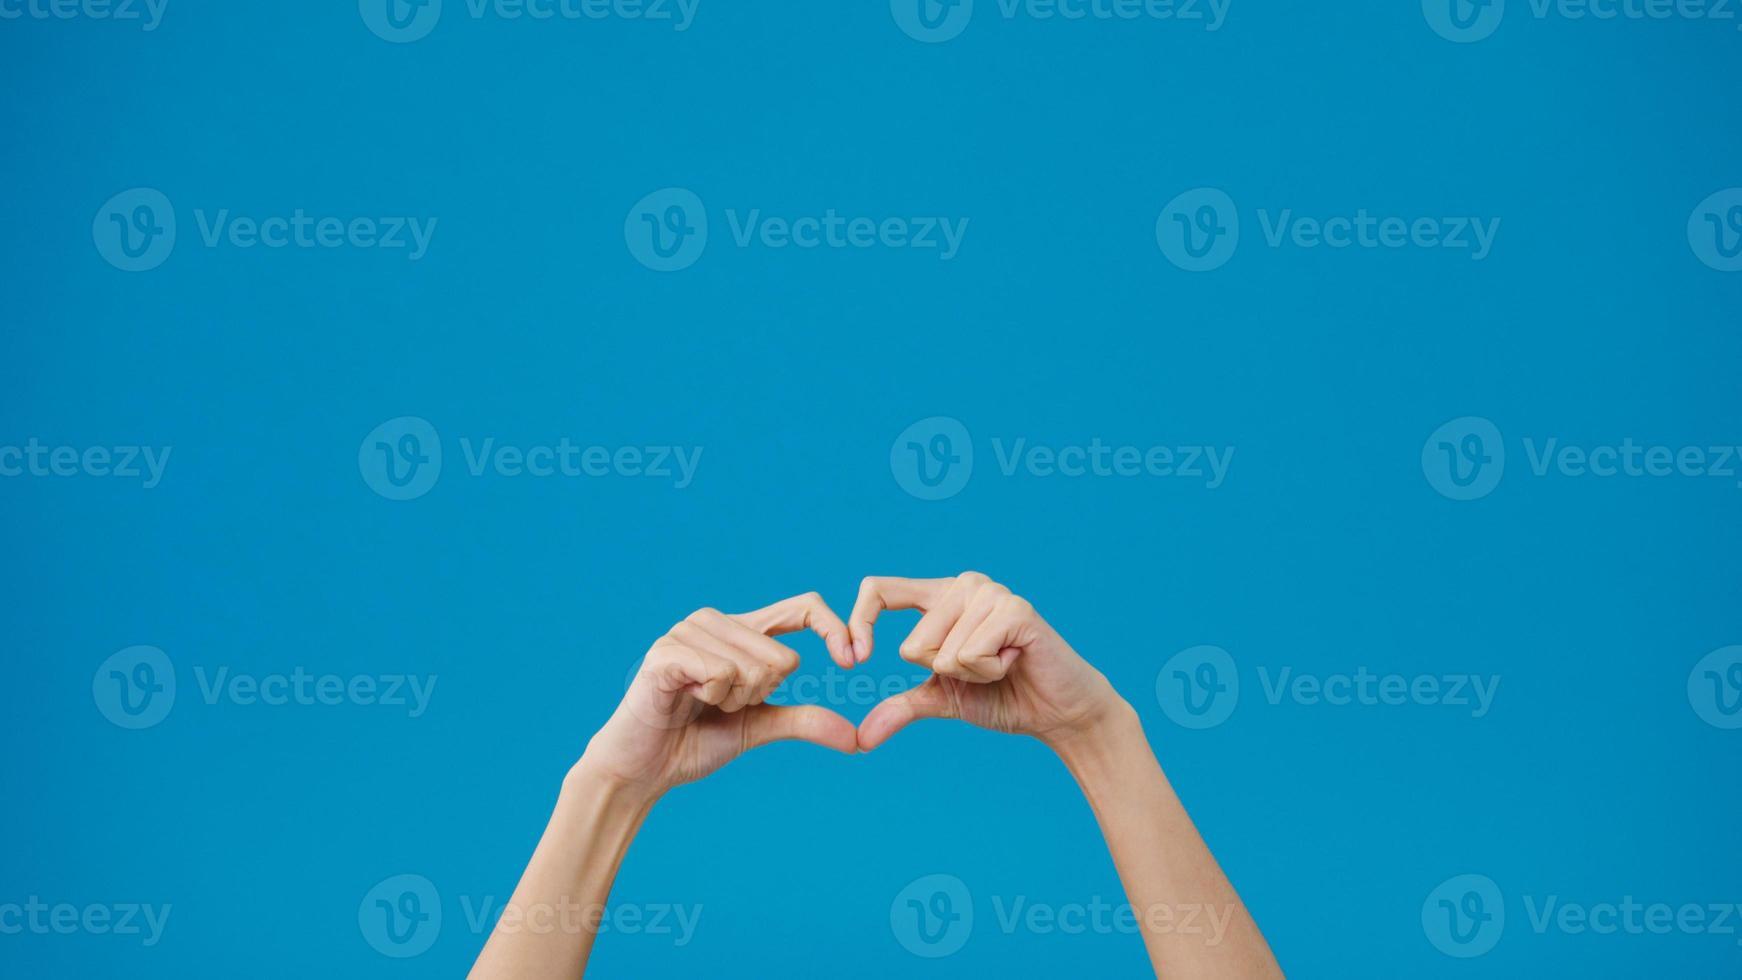 Muestra de mano de mujer joven haciendo forma de corazón enviando amor a su amante sobre fondo azul. Copie el espacio para colocar un mensaje de texto, para publicidad. área publicitaria, maqueta de contenido promocional. foto